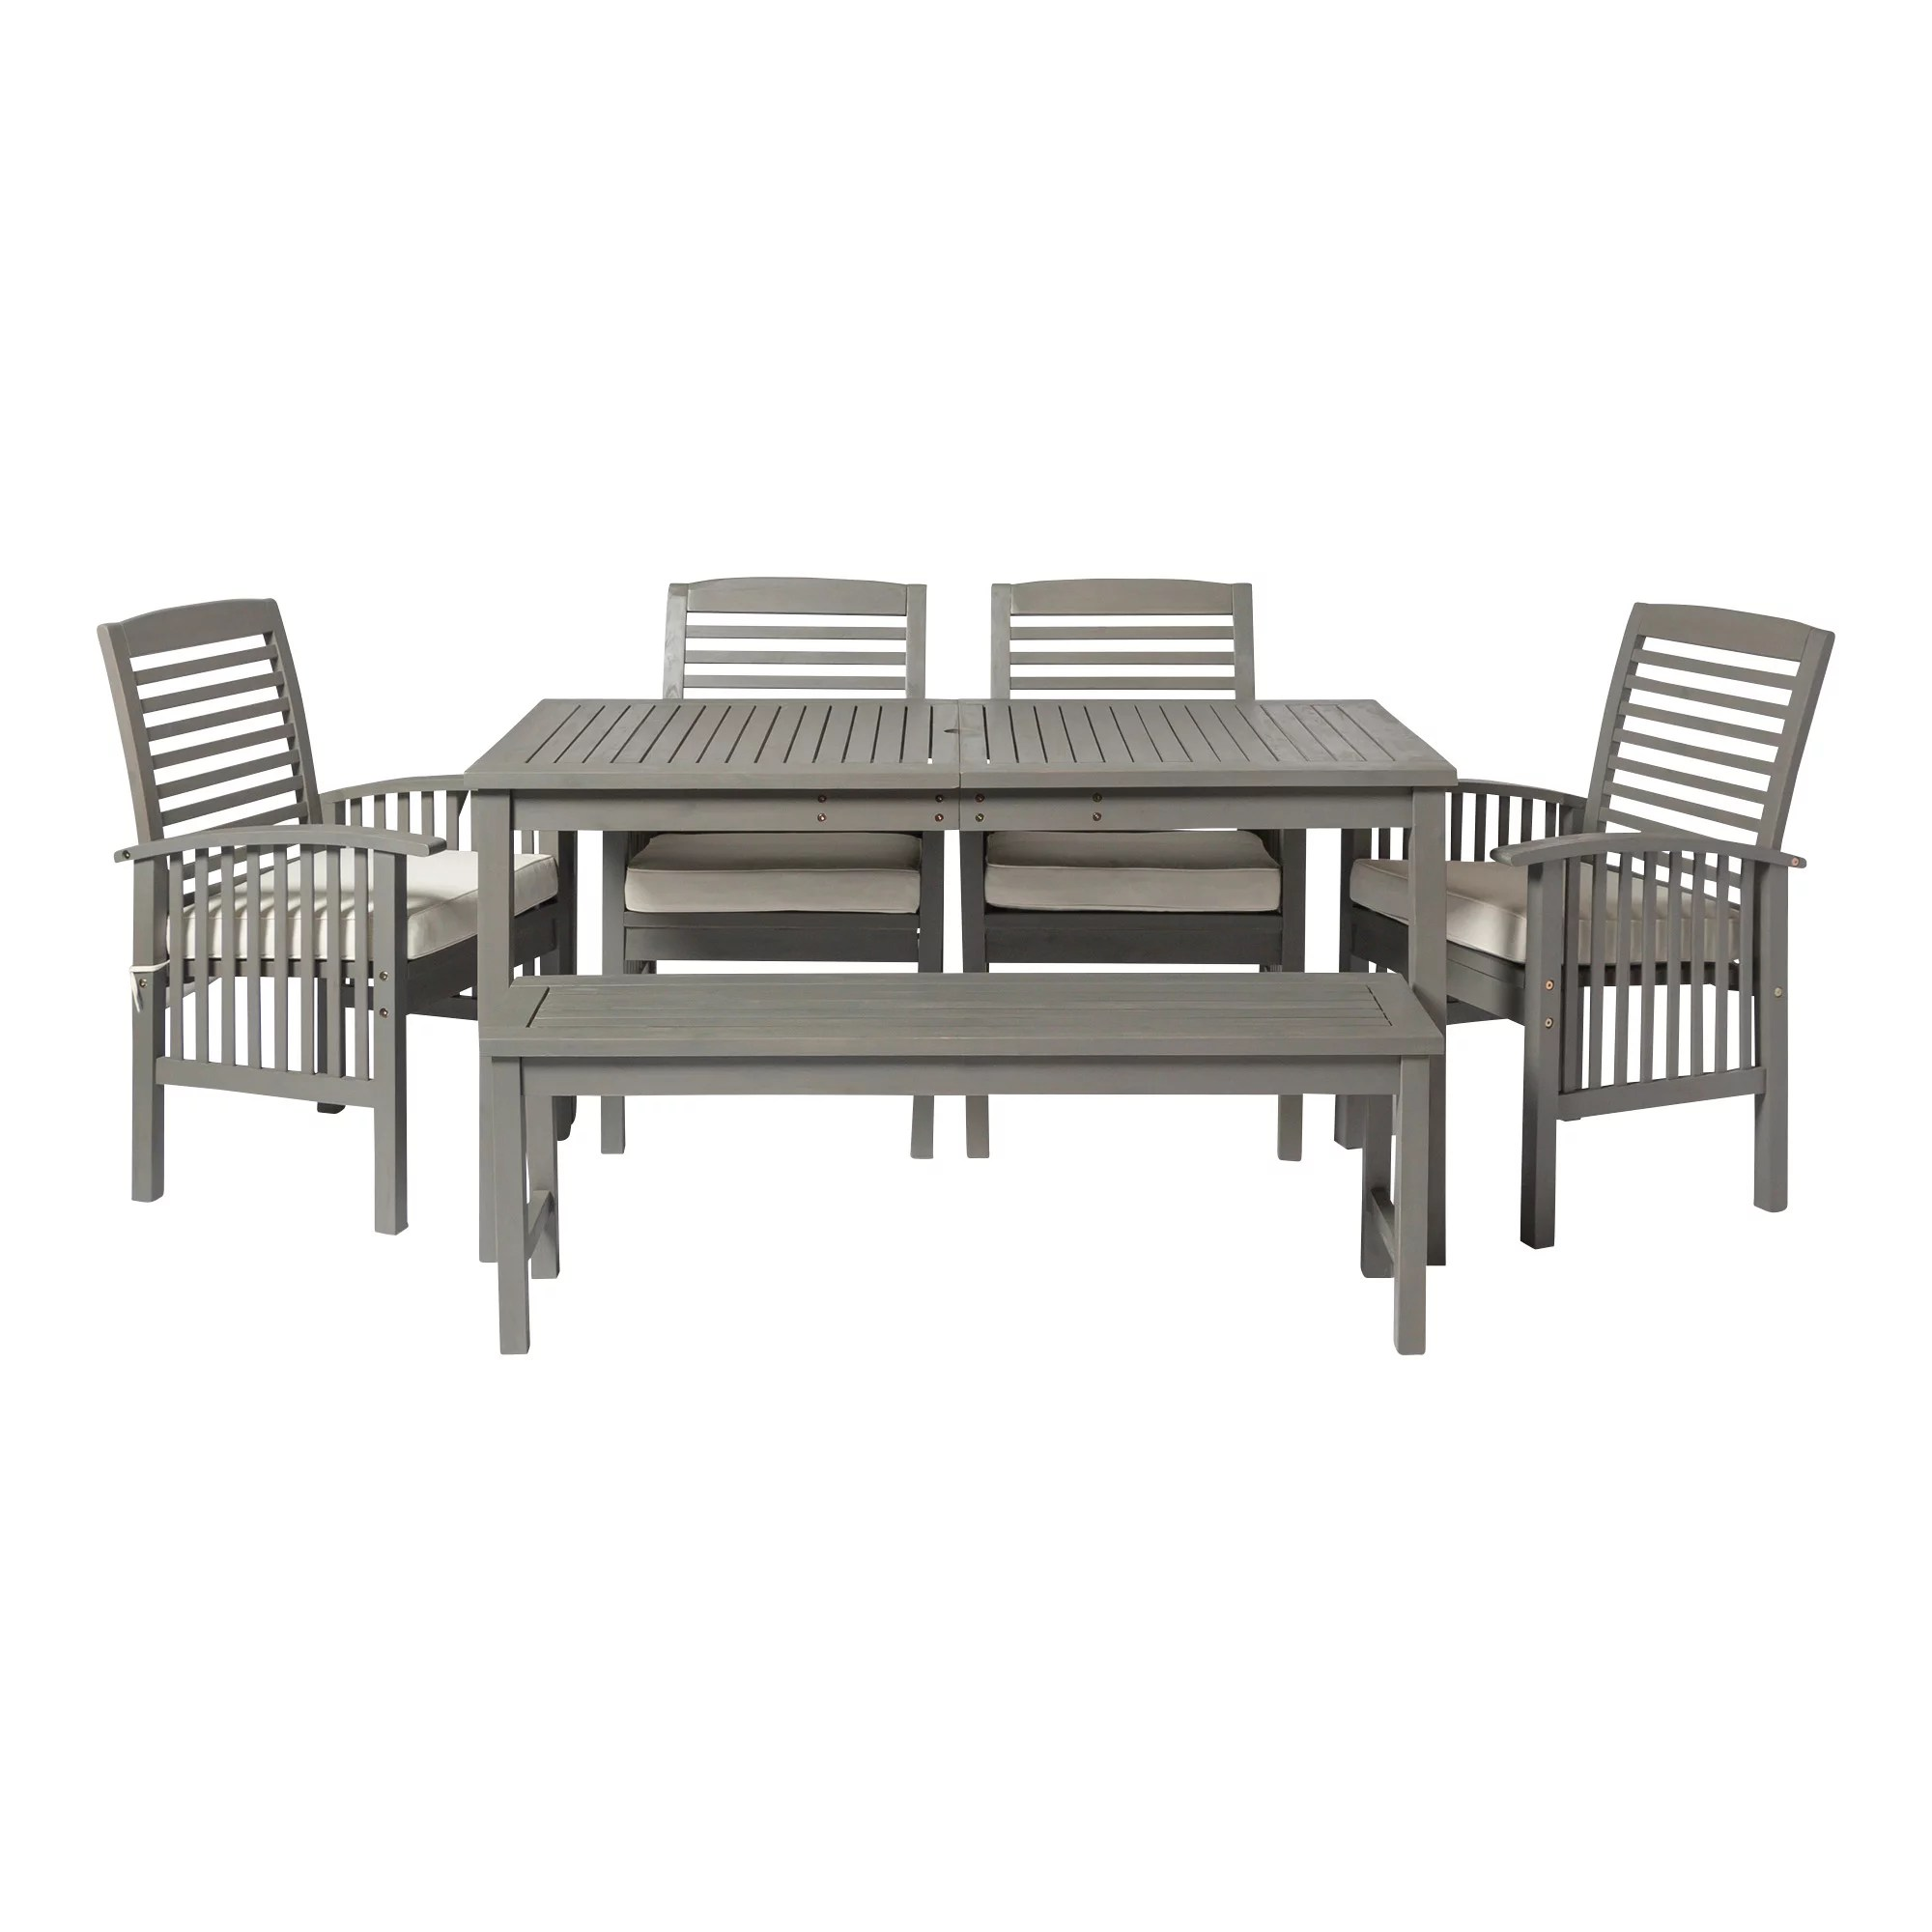 manor park 6 piece simple outdoor patio dining set grey wash